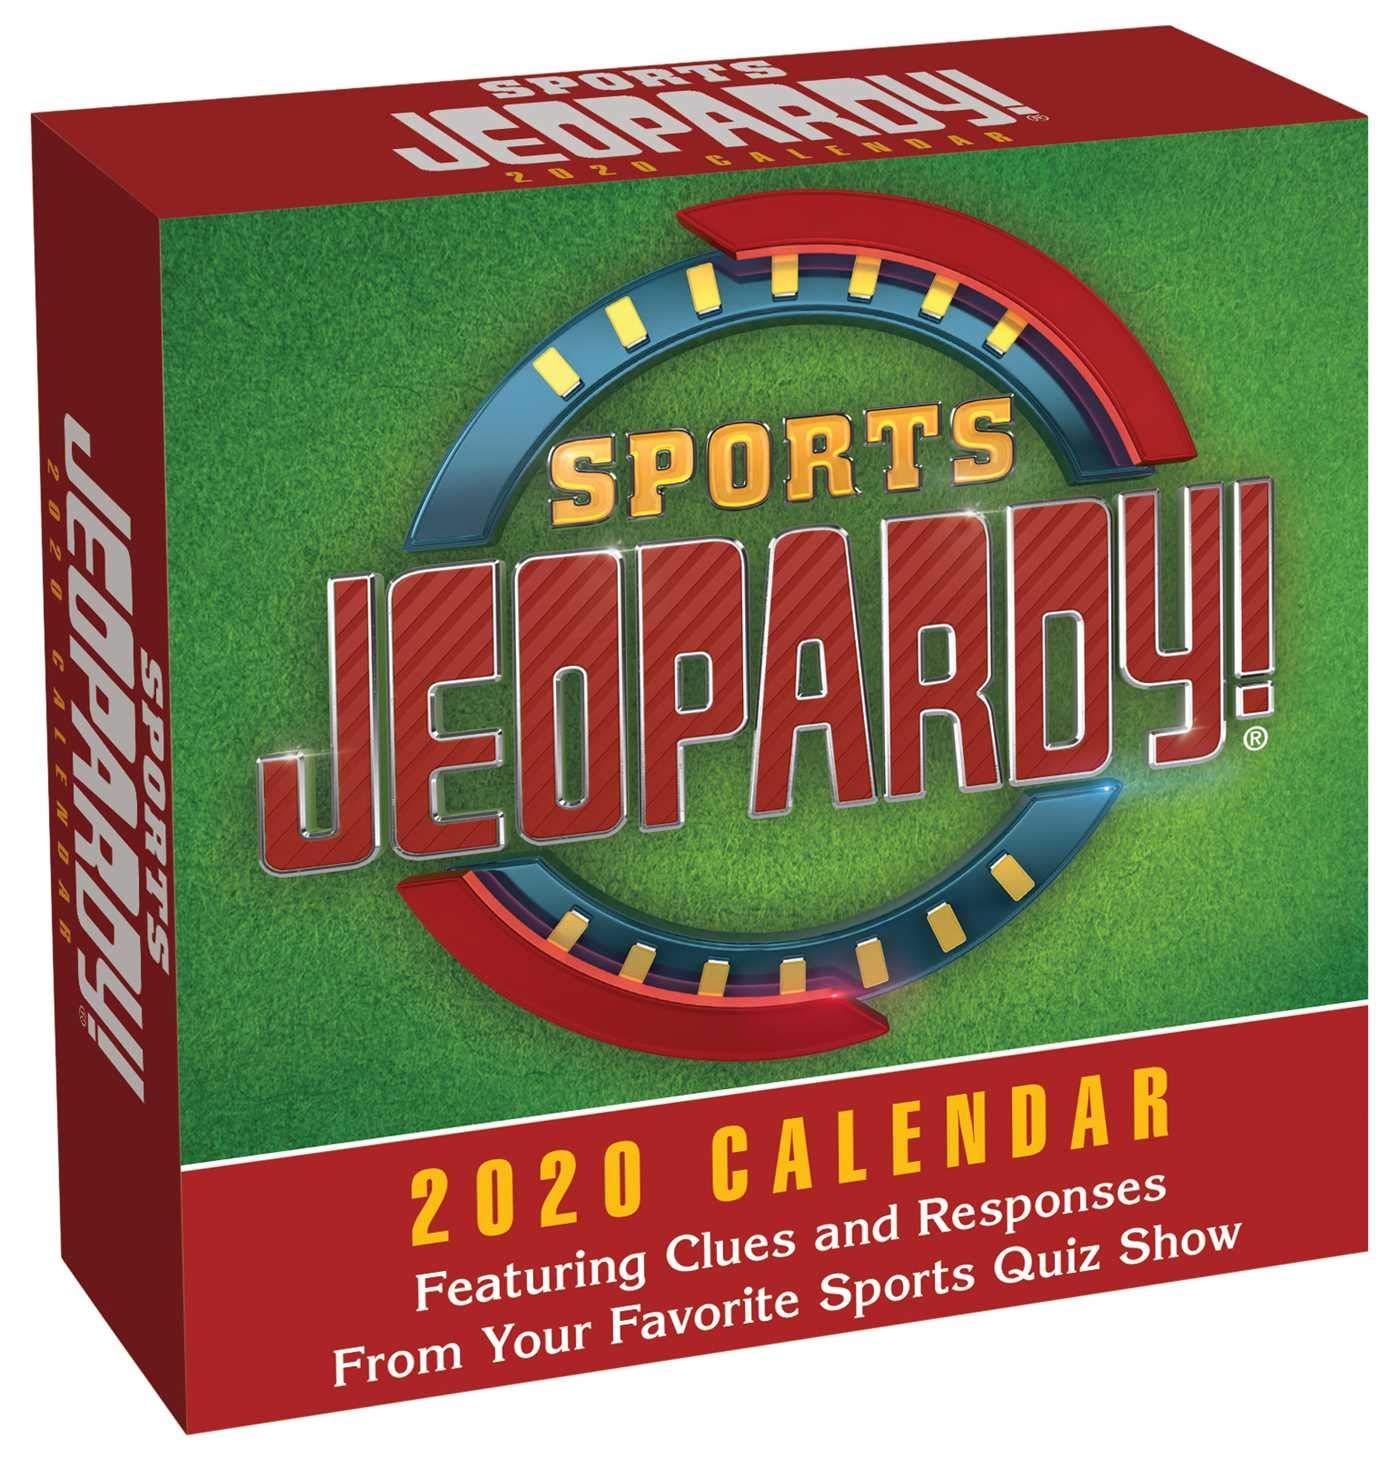 Sports Calendar 2020 Sports Jeopardy! 2020 Day to Day Calendar: Sony: 9781449498542